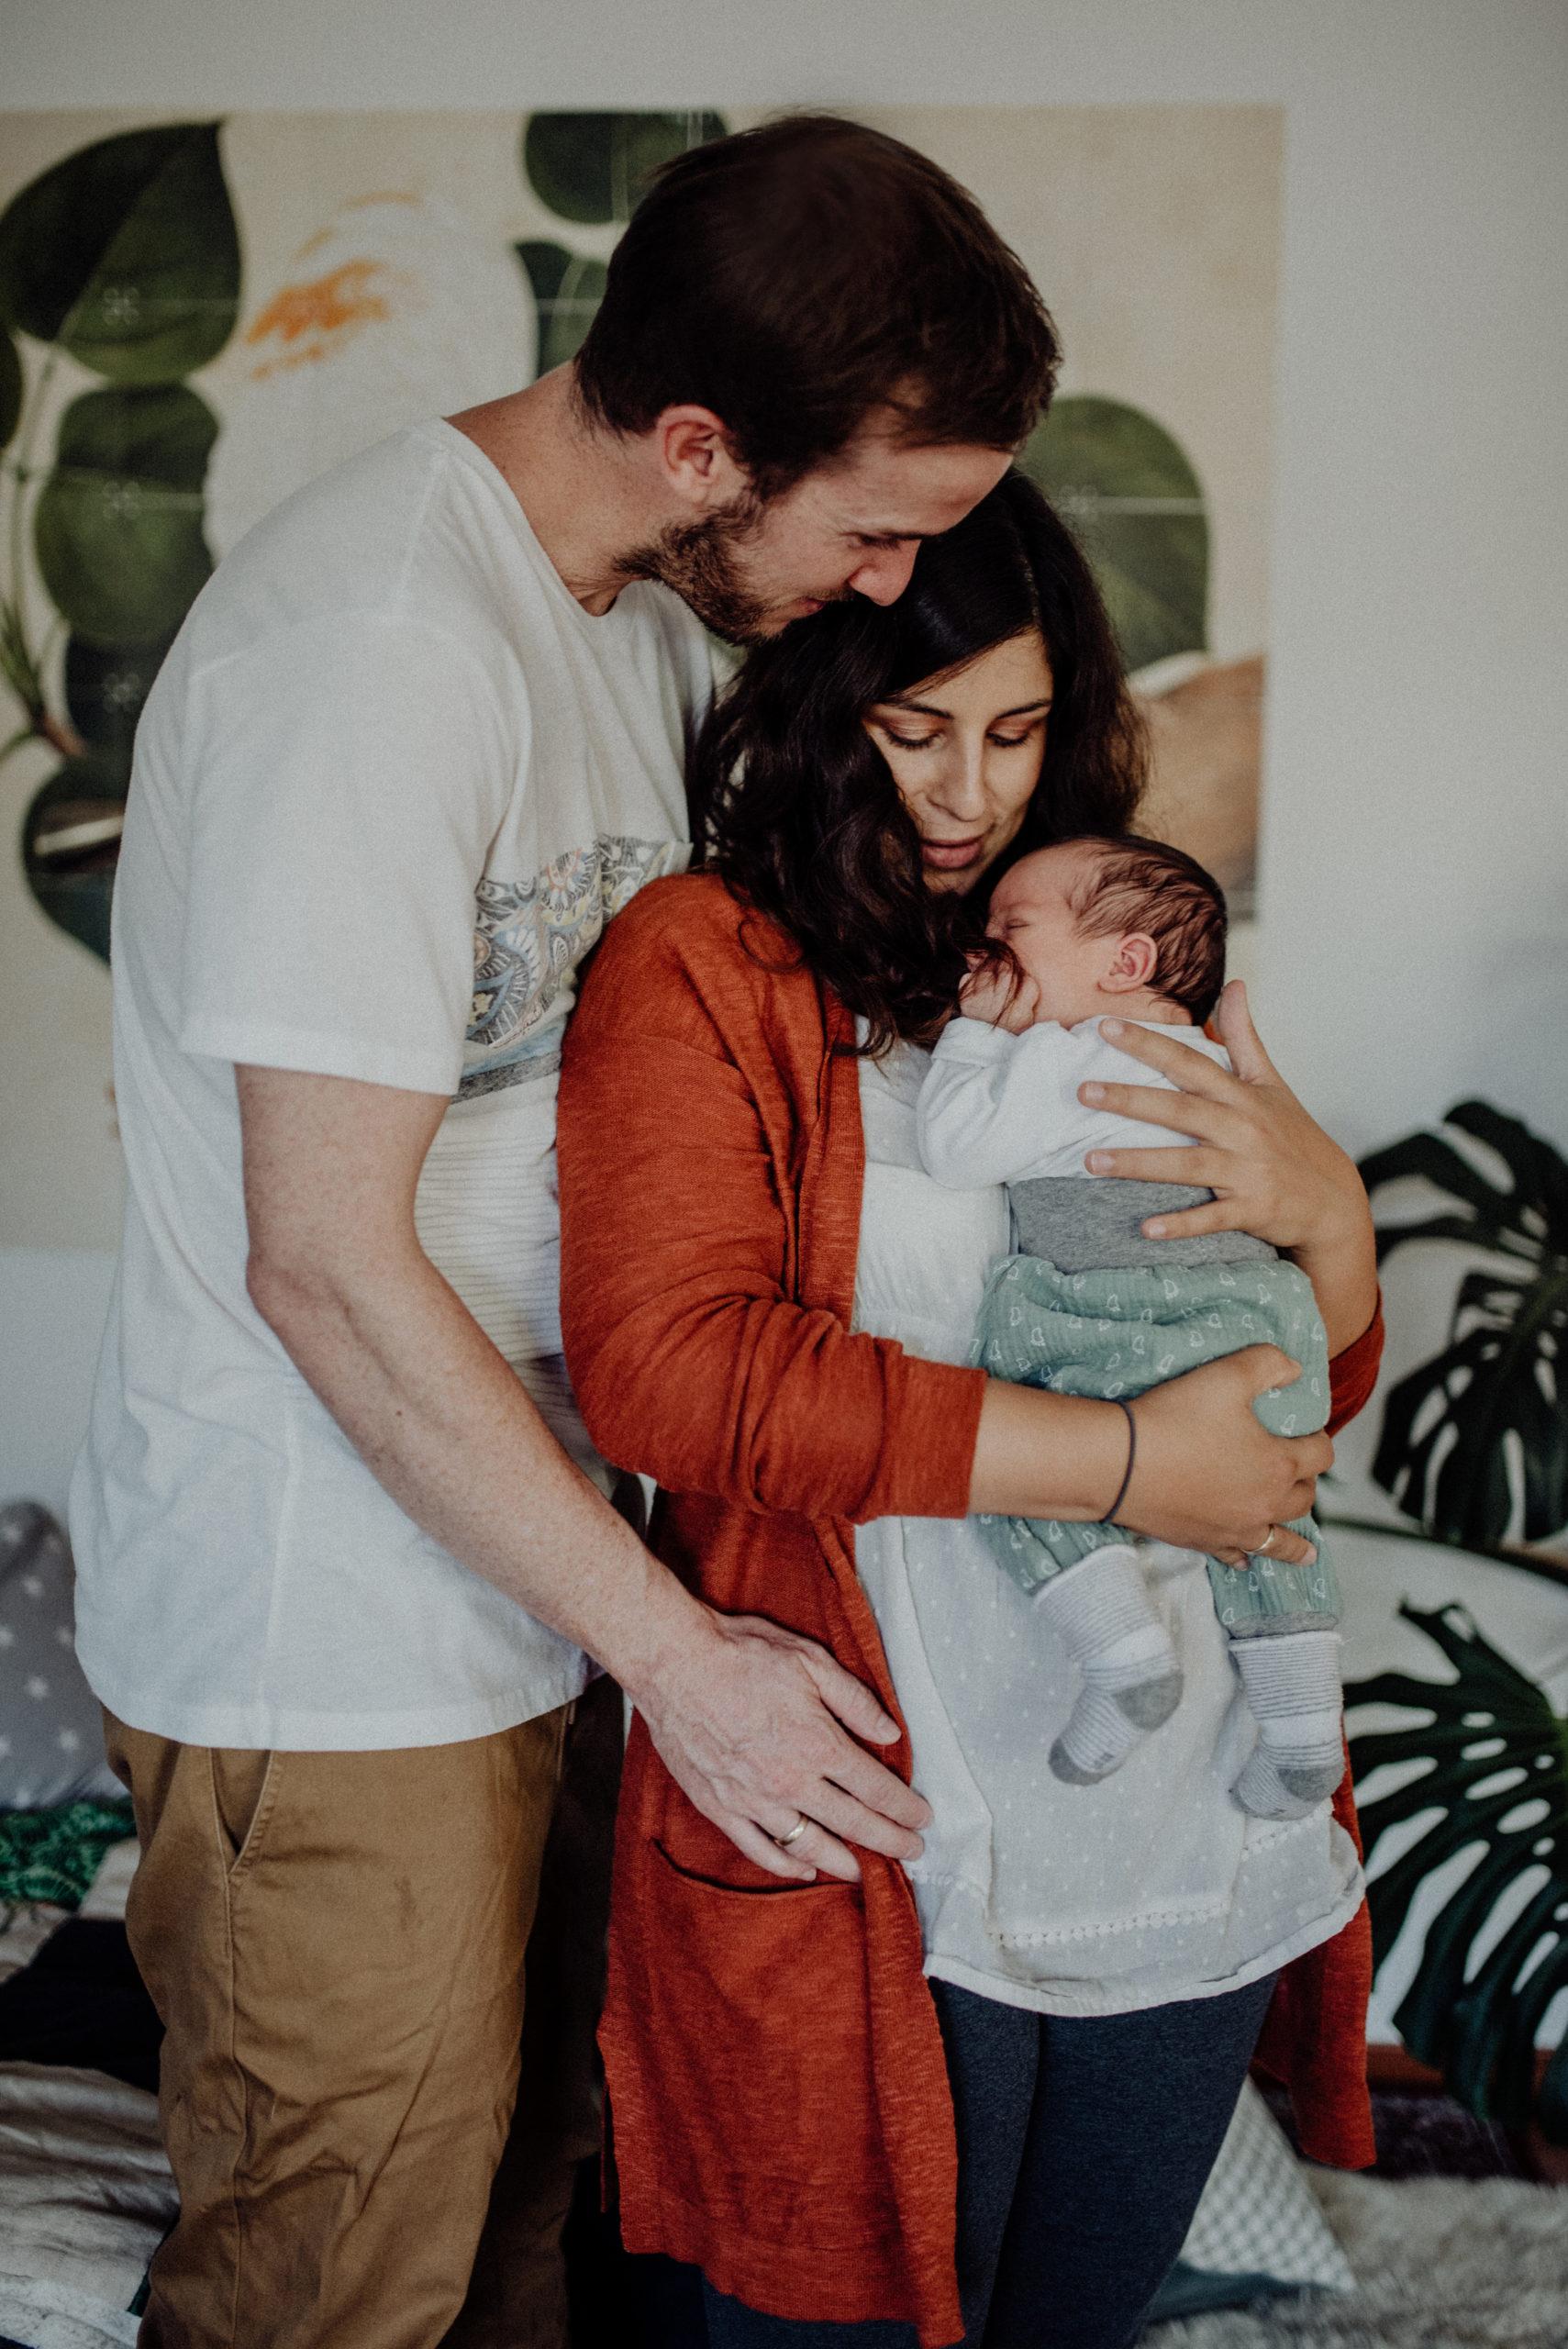 011-Witten-Homestory-Homesession-Newborn-Baby-Fotoshooting